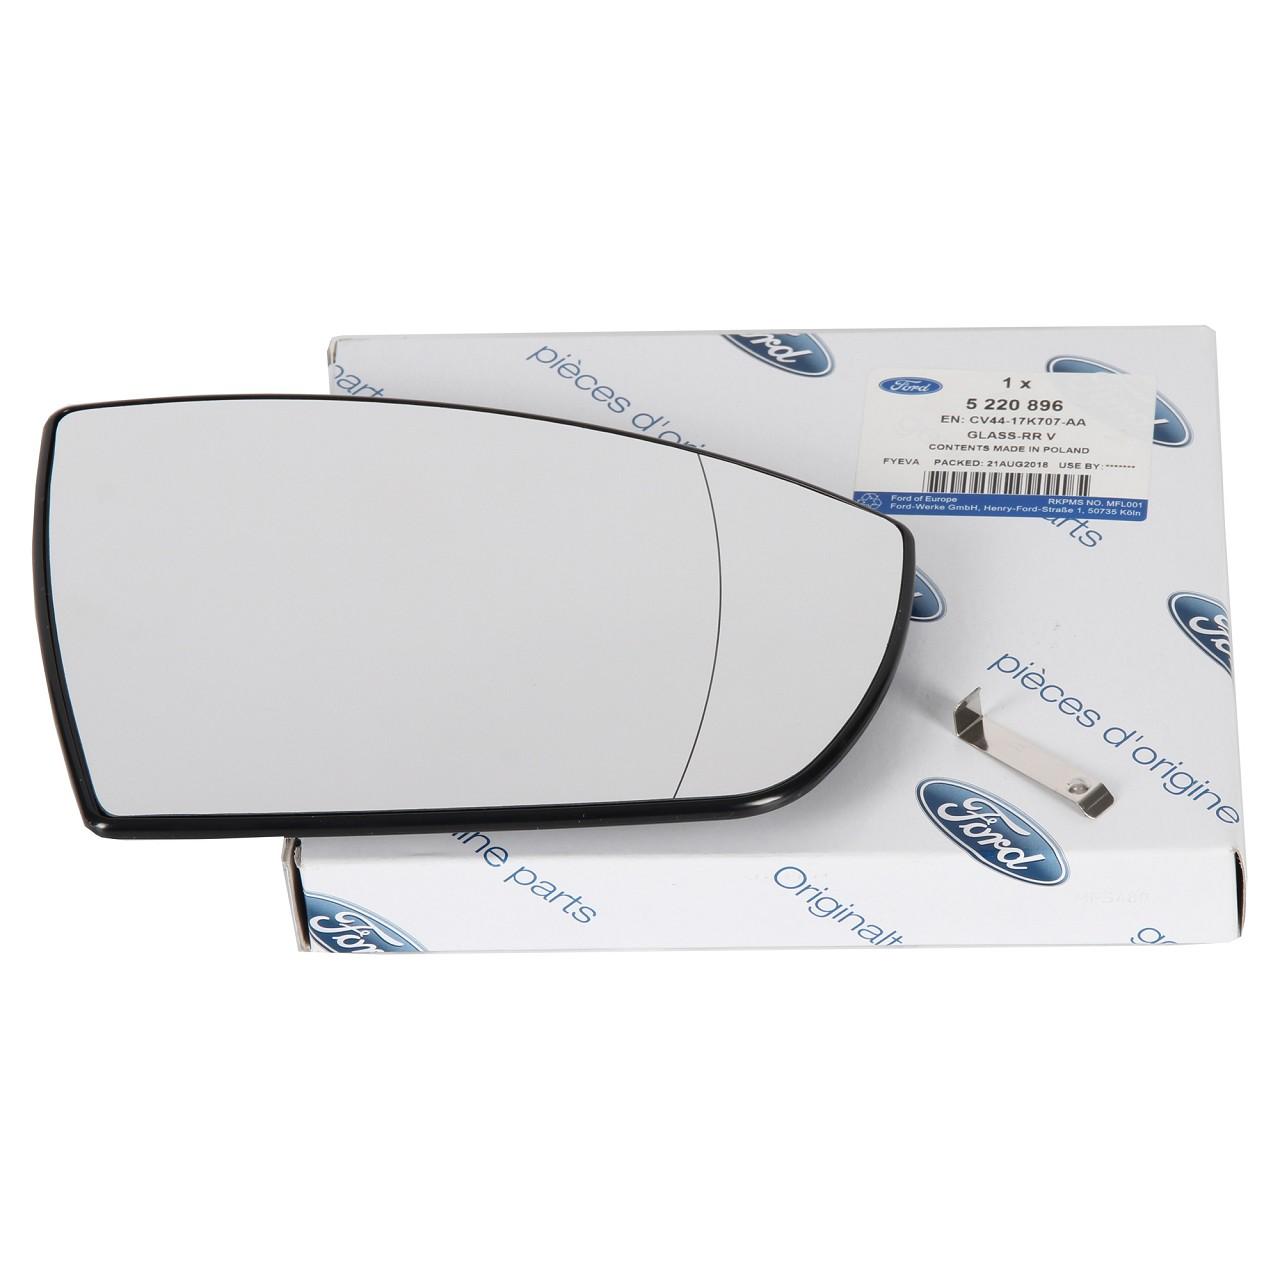 ORIGINAL Ford Außenspiegel Spiegelglas KUGA II MK2 rechts 5220896